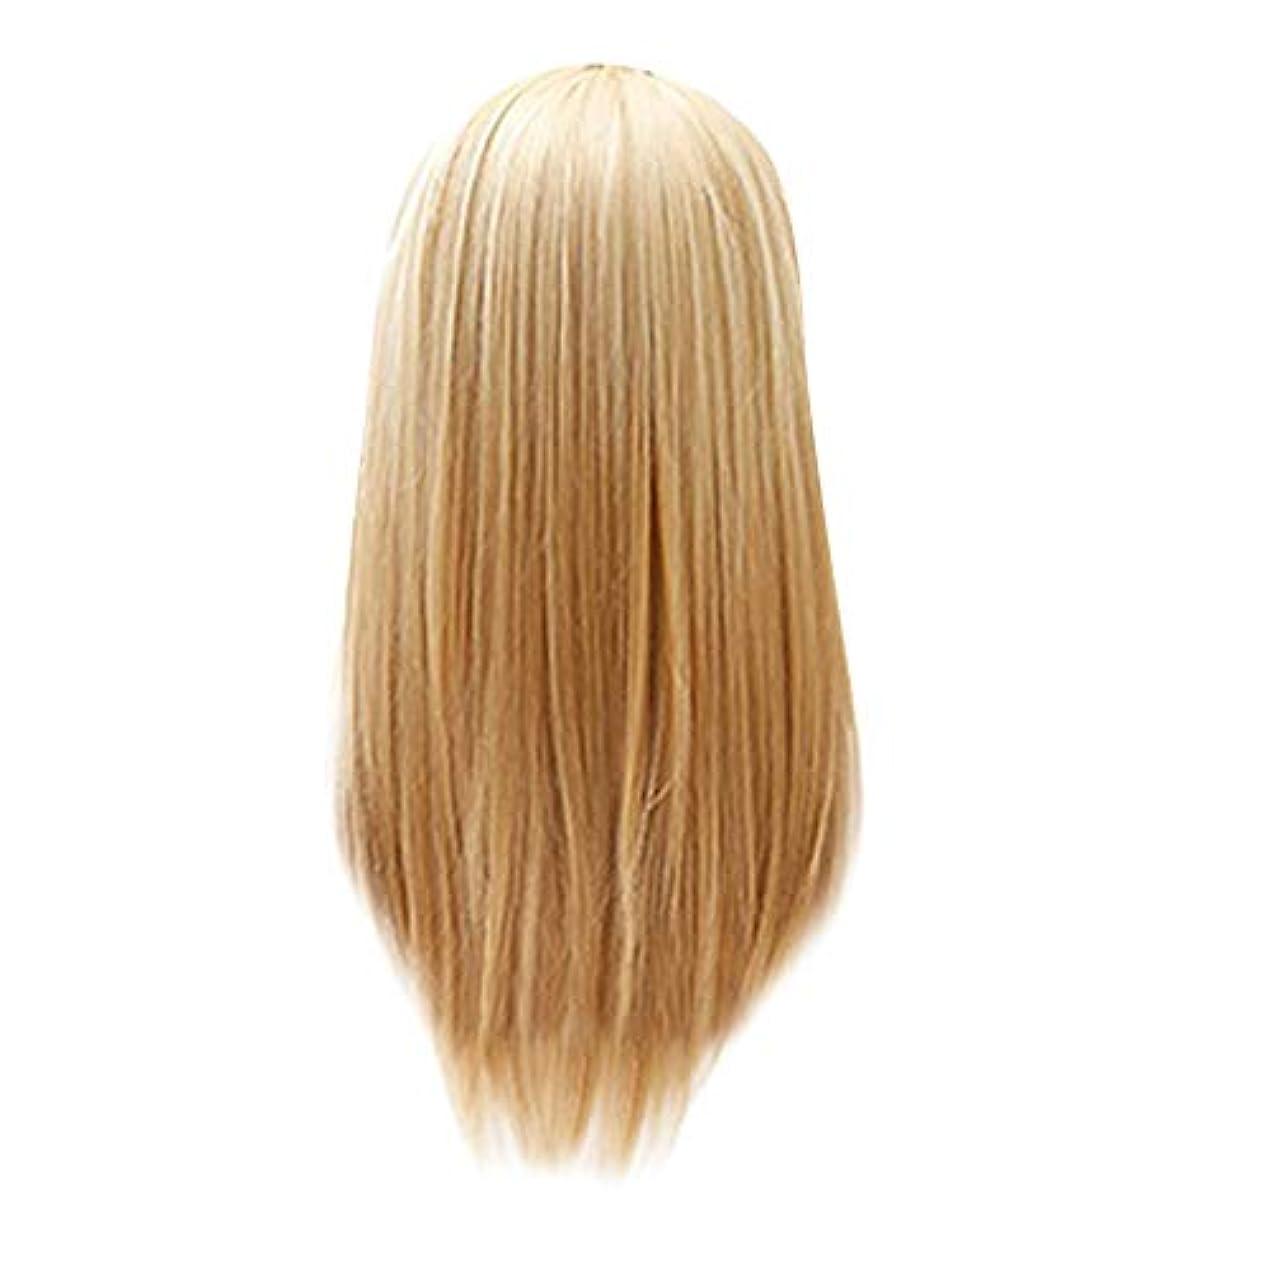 オーチャードフォーマルスナックレディースゴールドロングストレートヘアウィッグセクシーファッション25